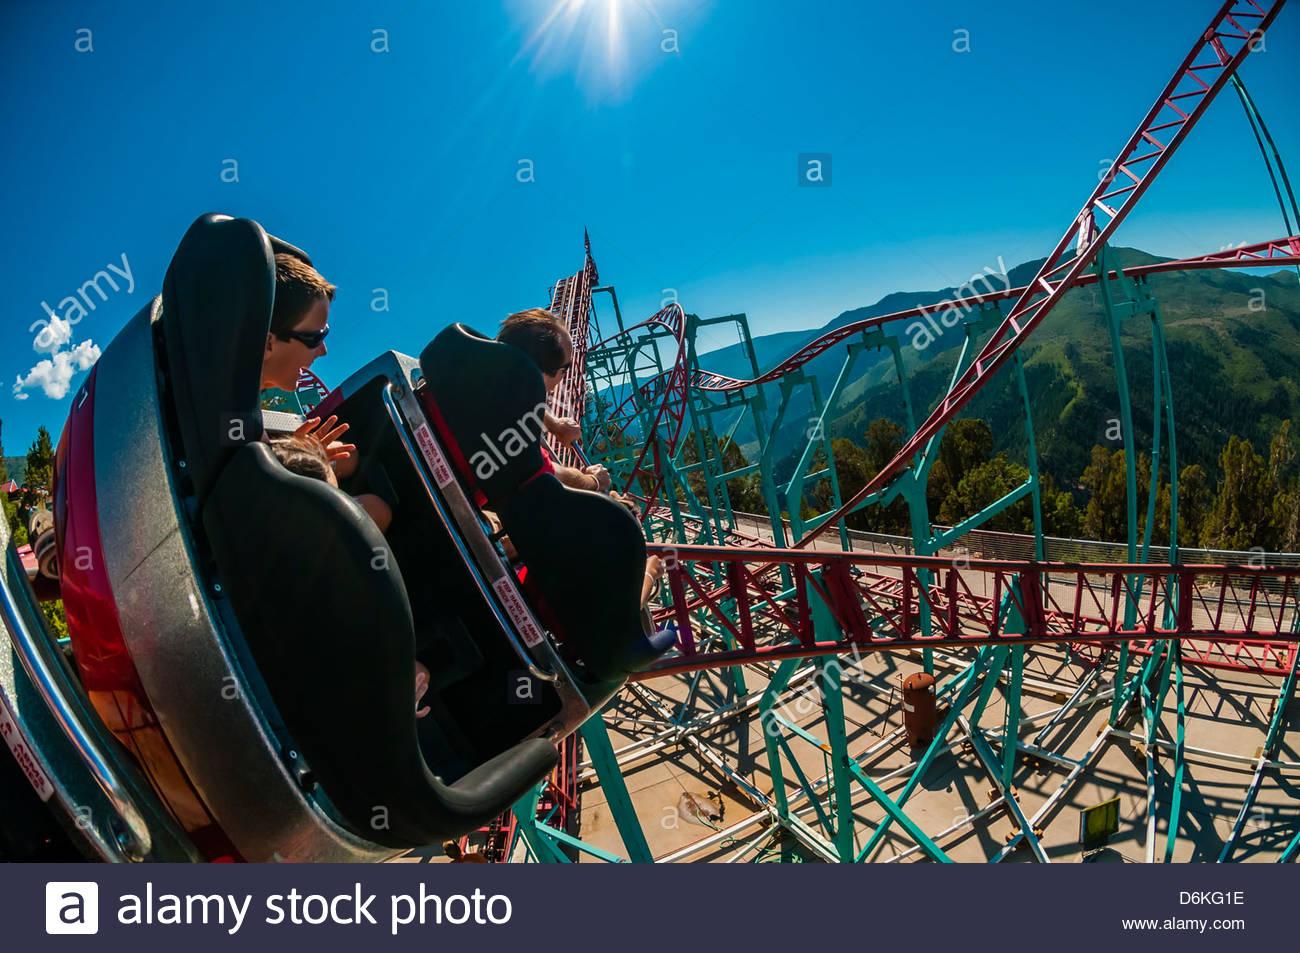 Cliffhanger Roller Coaster Glenwood Caverns Adventure Park